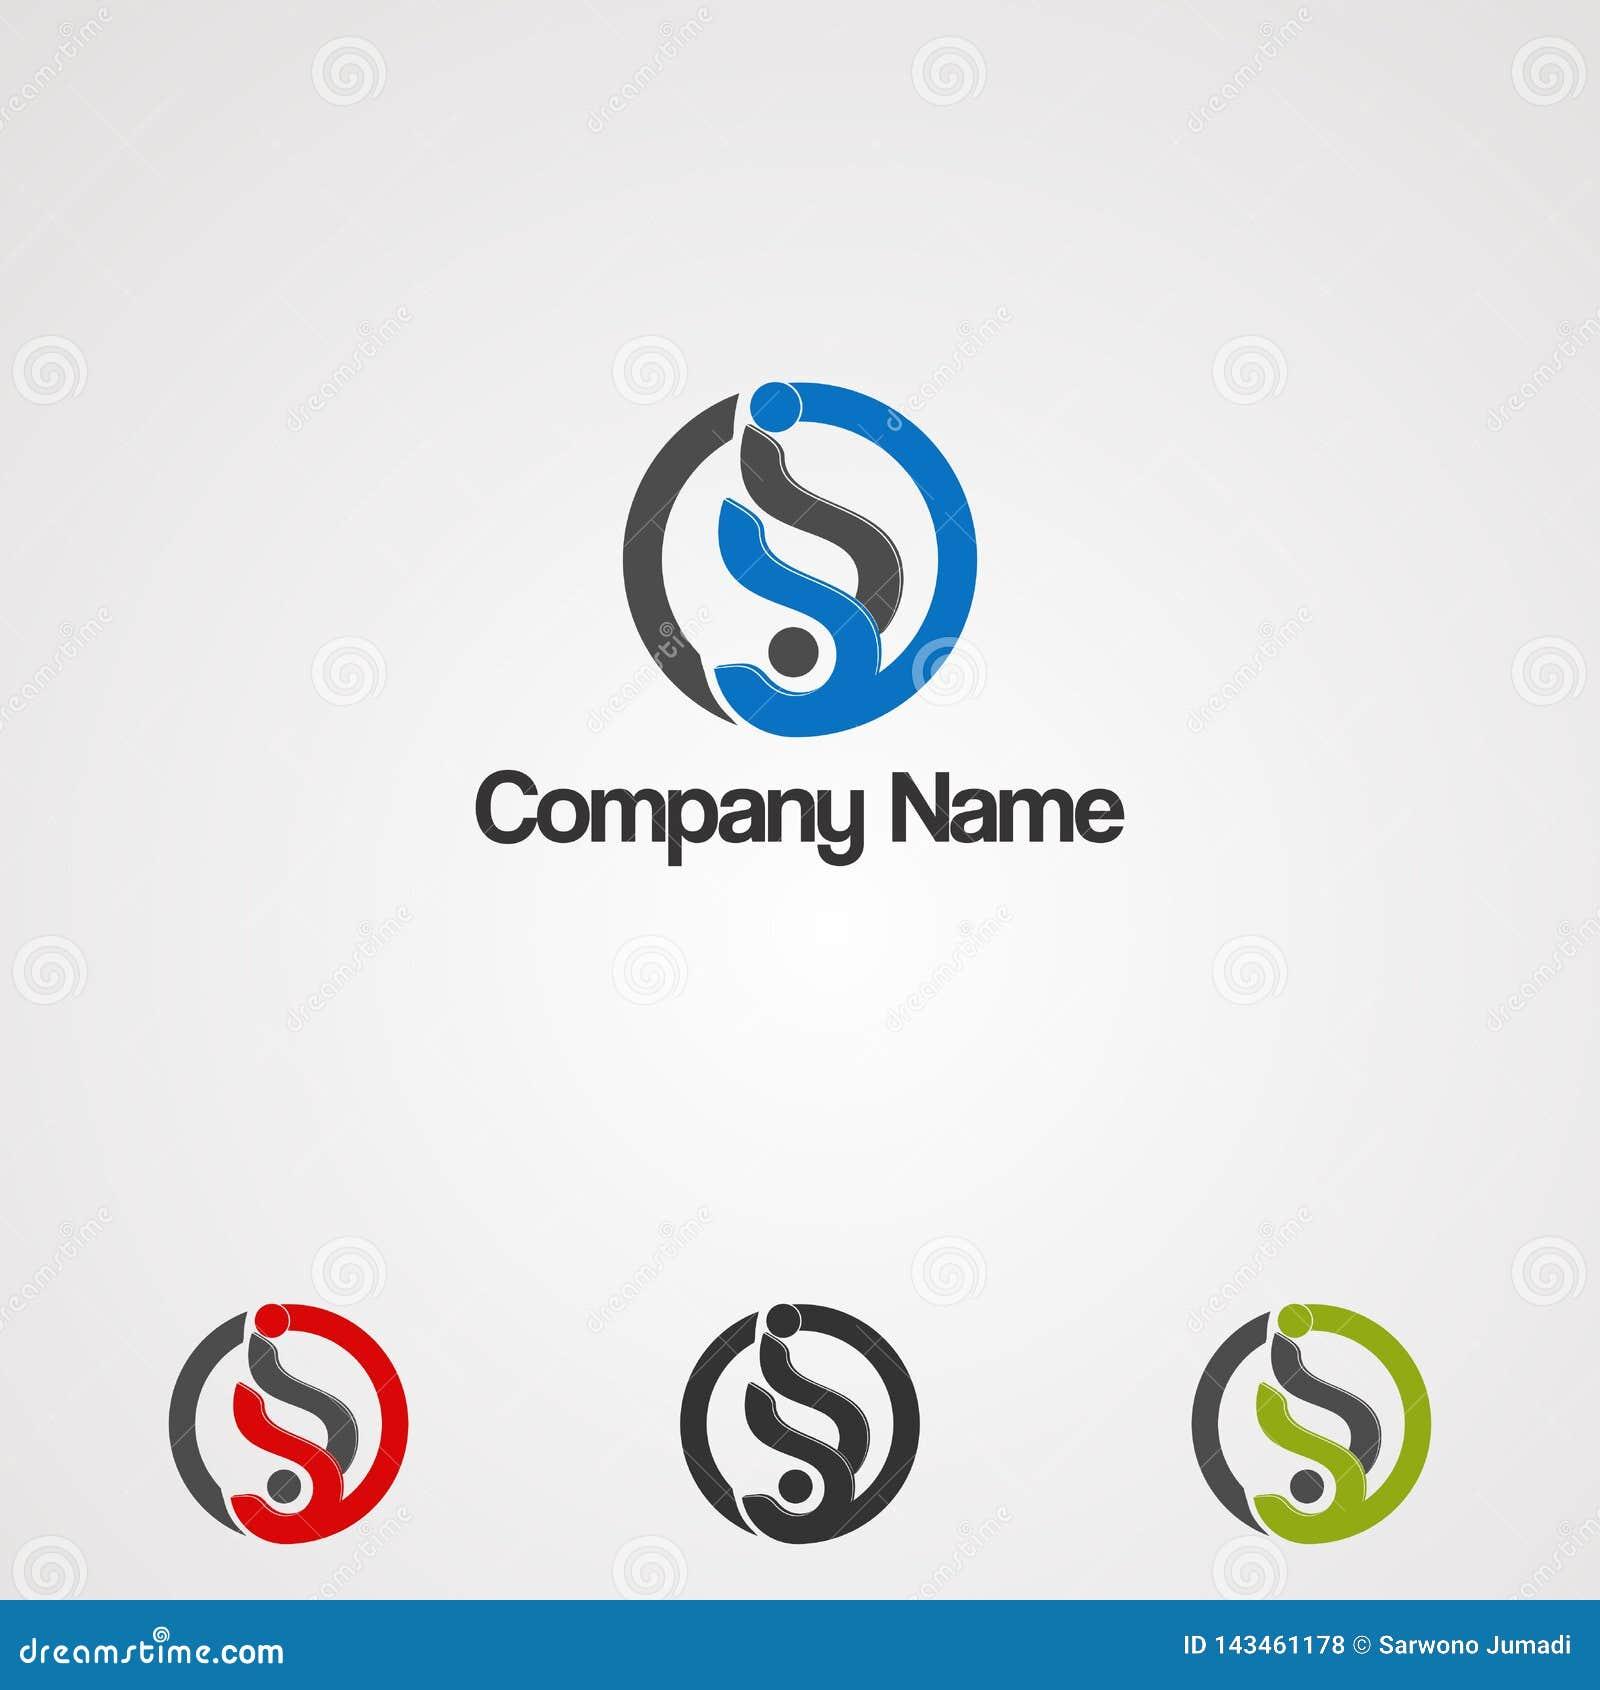 Логотип энергии круга с вектором, значком, элементом, и шаблоном логотипа концепции письма s для компании